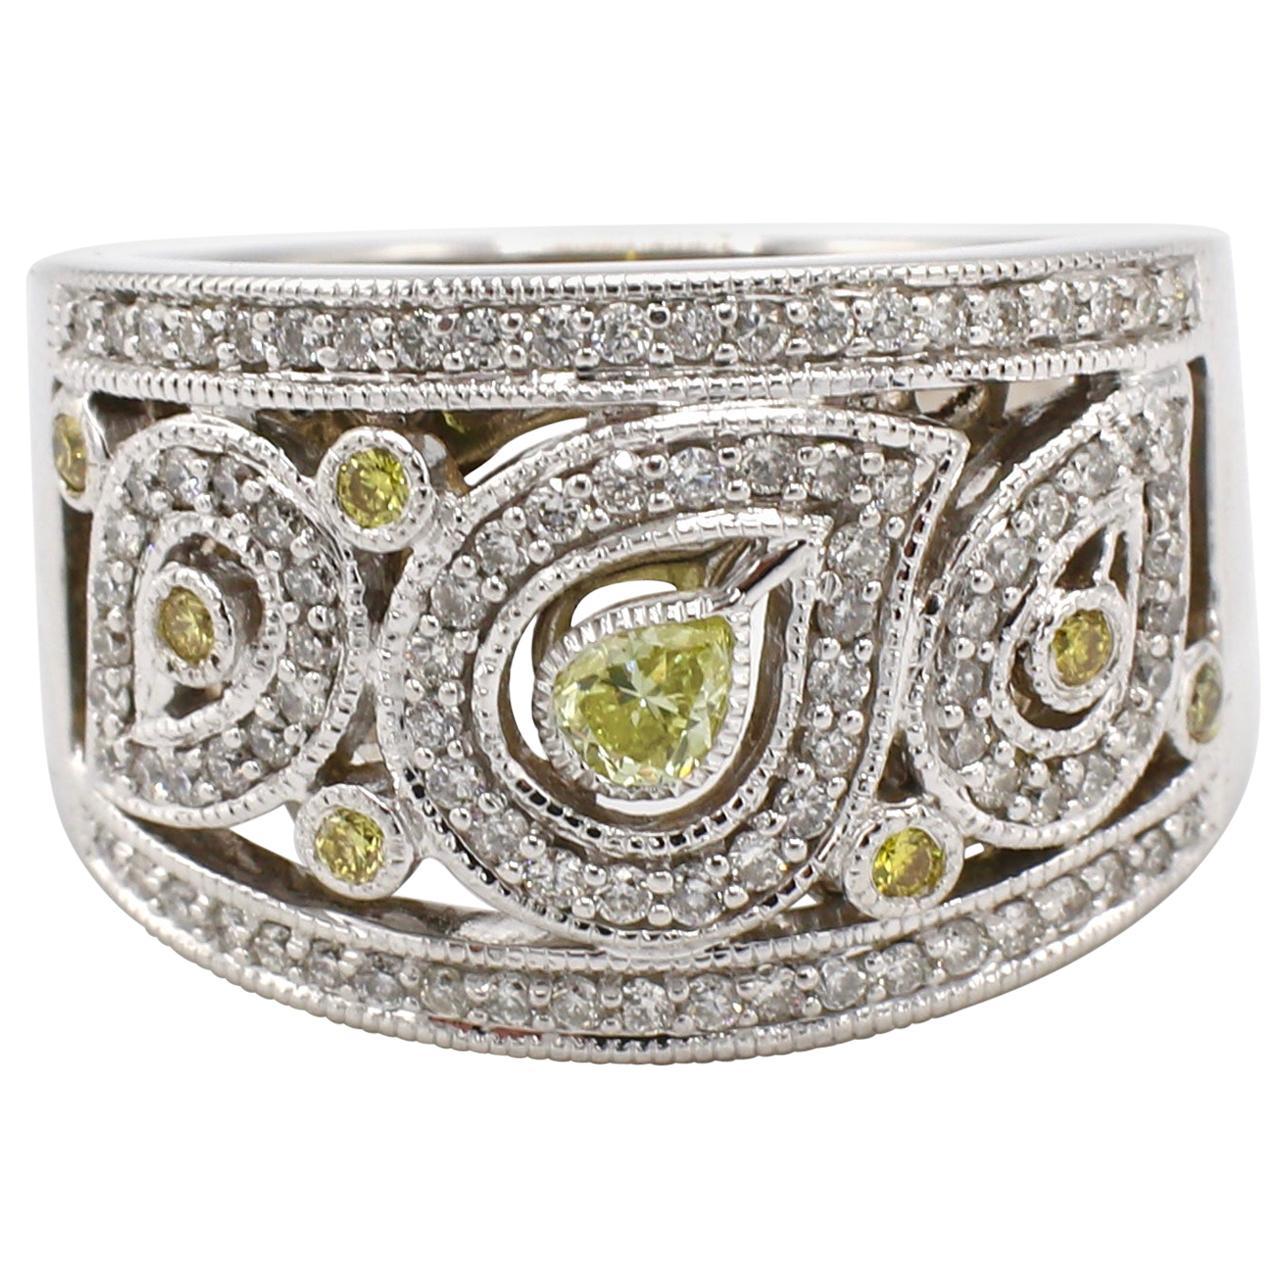 14 Karat White Gold Pave Diamond Cocktail Ring